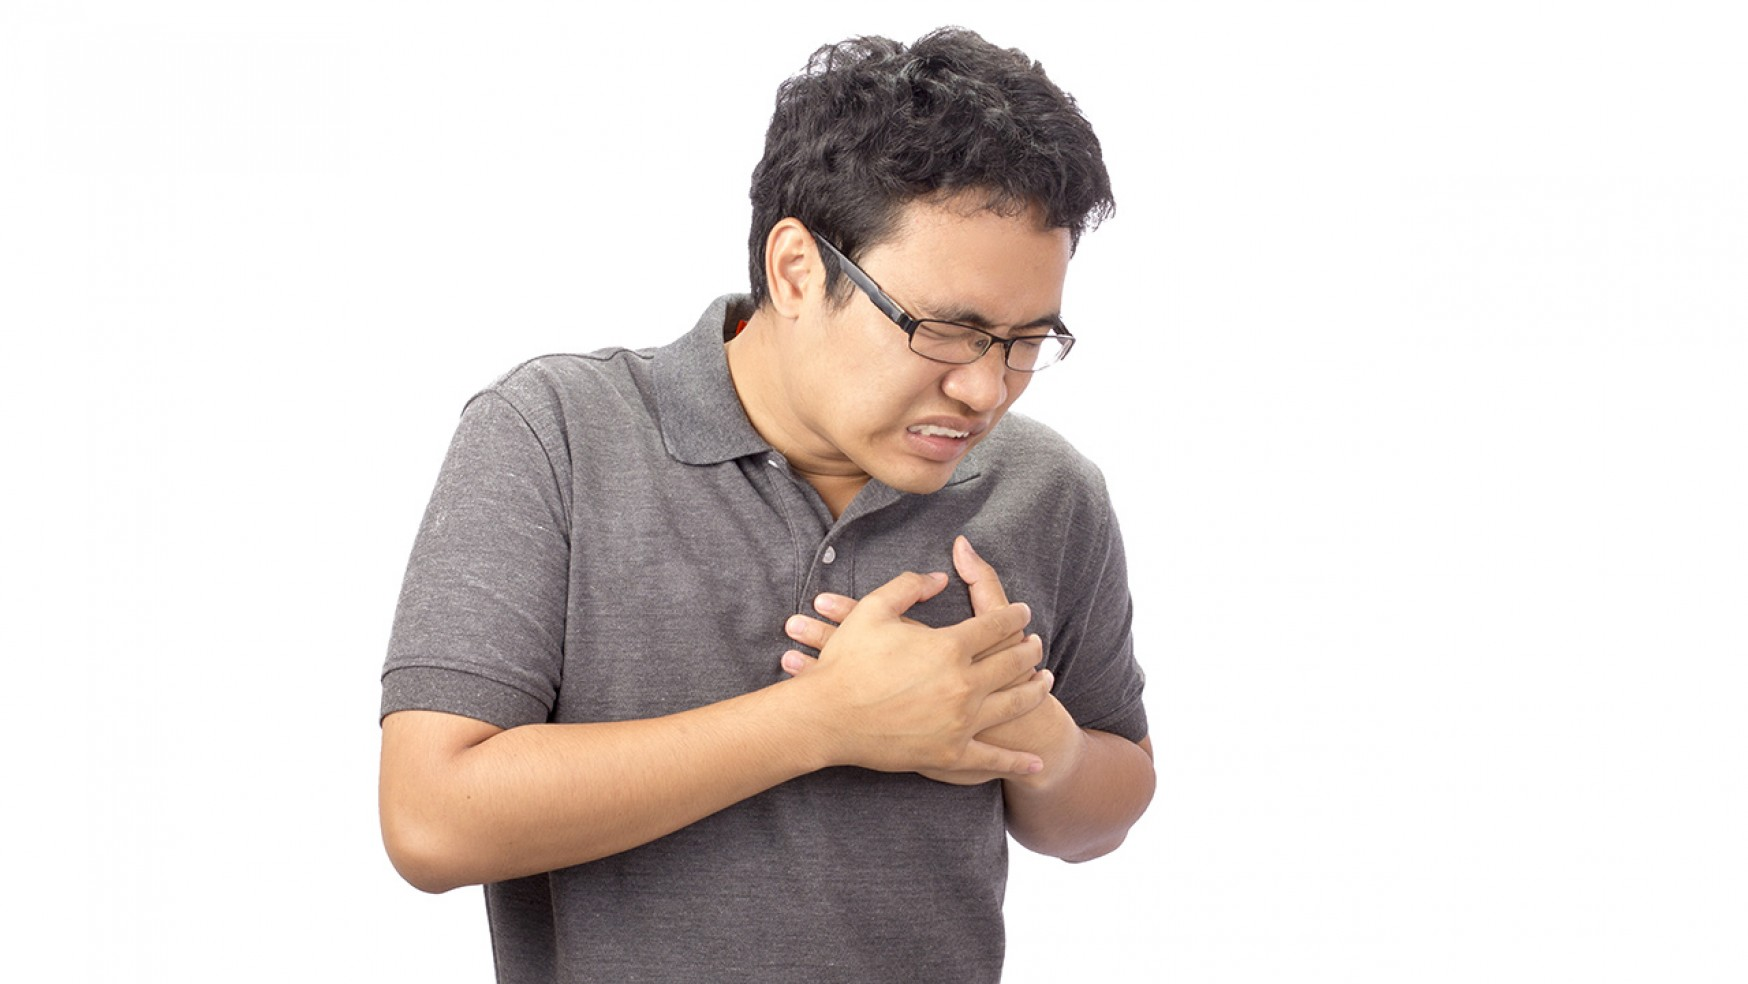 Enfermedad Cardiovascular, ¿Qué es y cómo prevenirla?